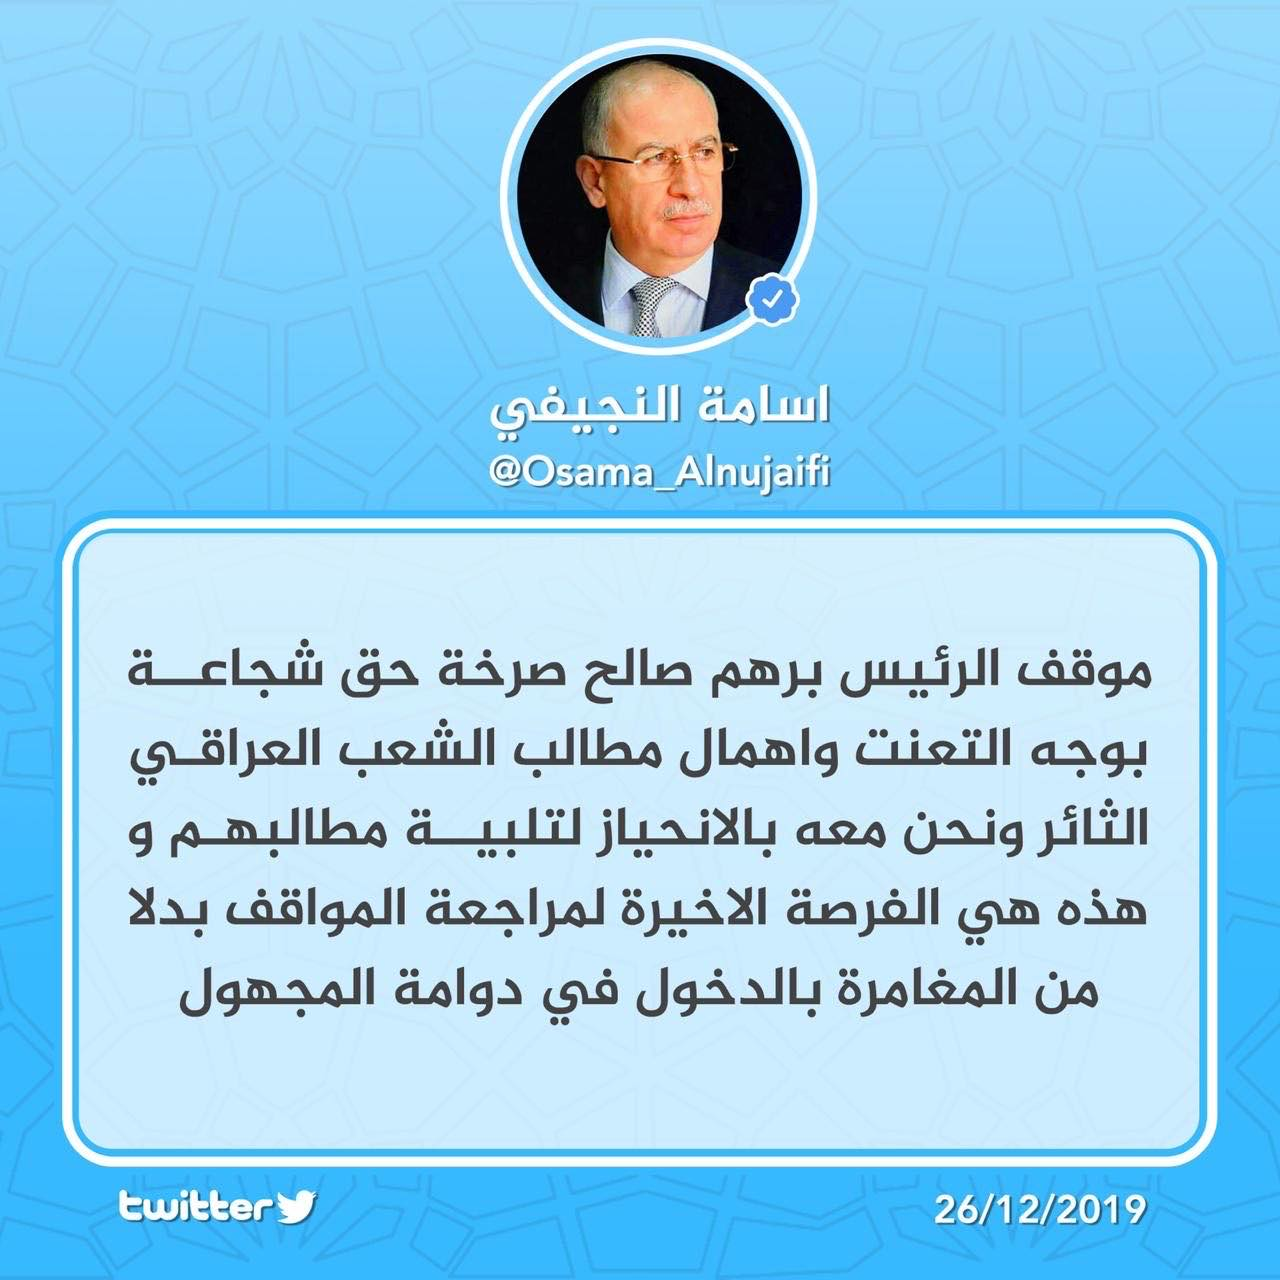 """شخصيات وكتل """"تؤازر"""" برهم صالح وترفض استقالته: يقاوم الضغوط.. وصرخ بالحق!"""